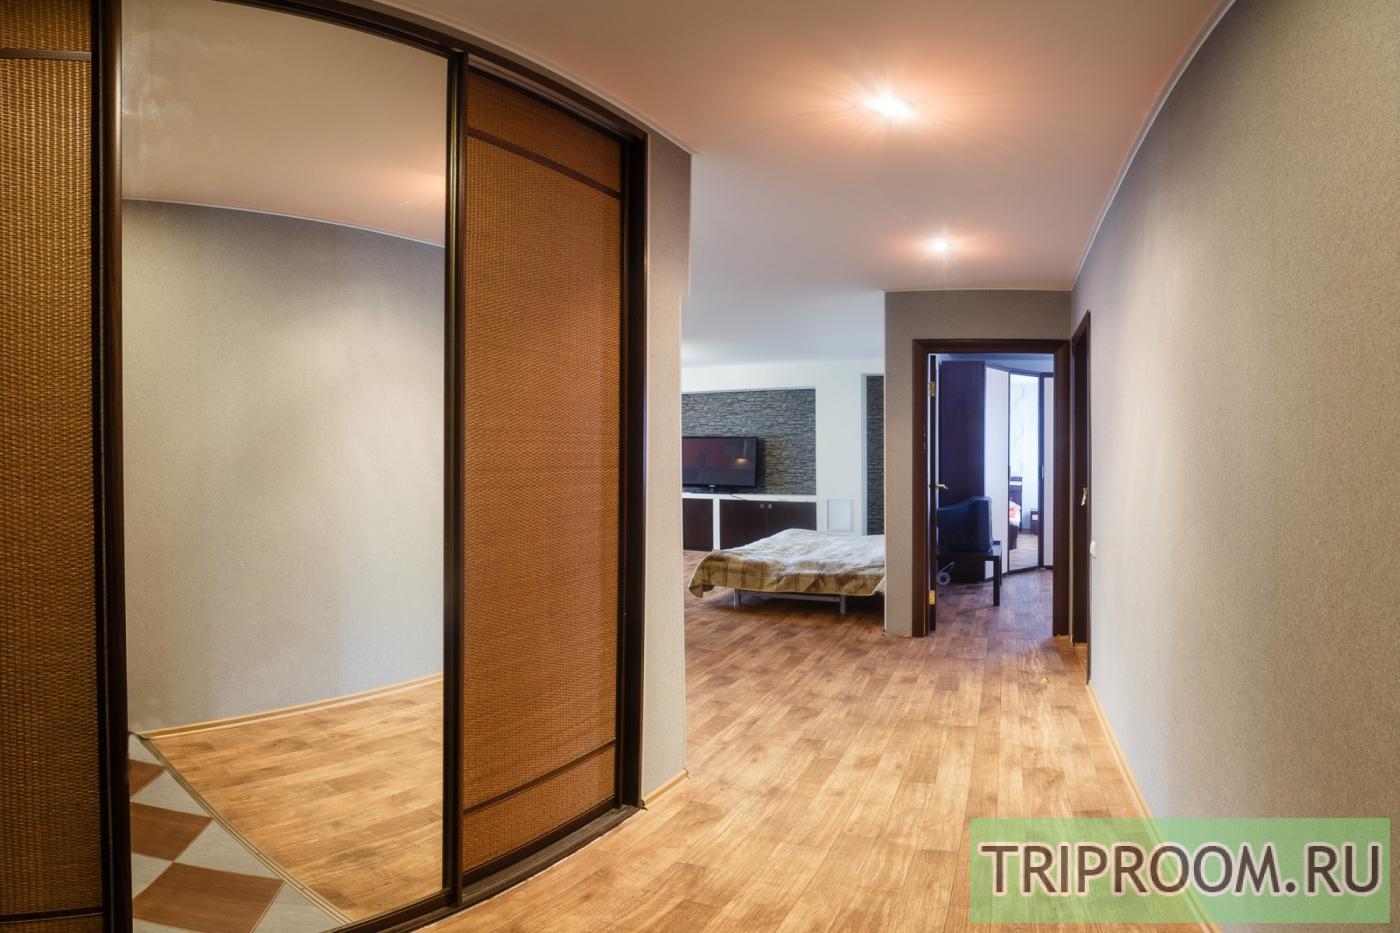 2-комнатная квартира посуточно (вариант № 4976), ул. Волочаевская улица, фото № 9